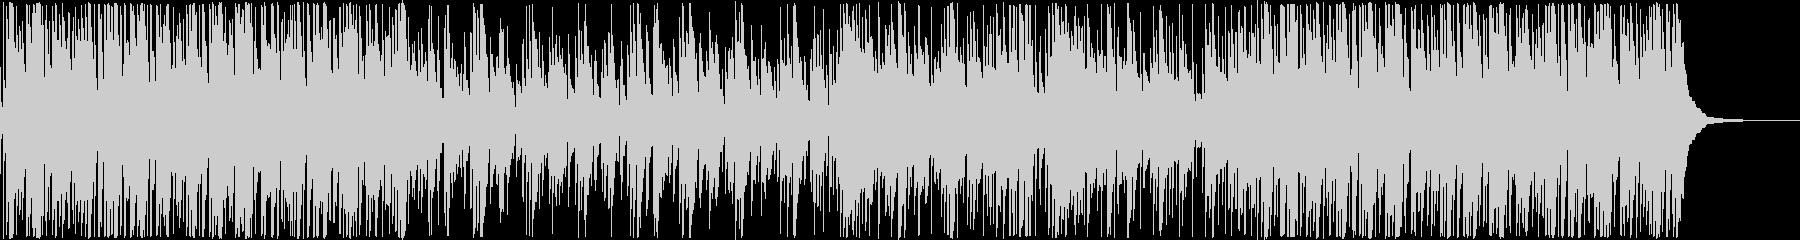 切ない感じの90年代J-POP風インストの未再生の波形